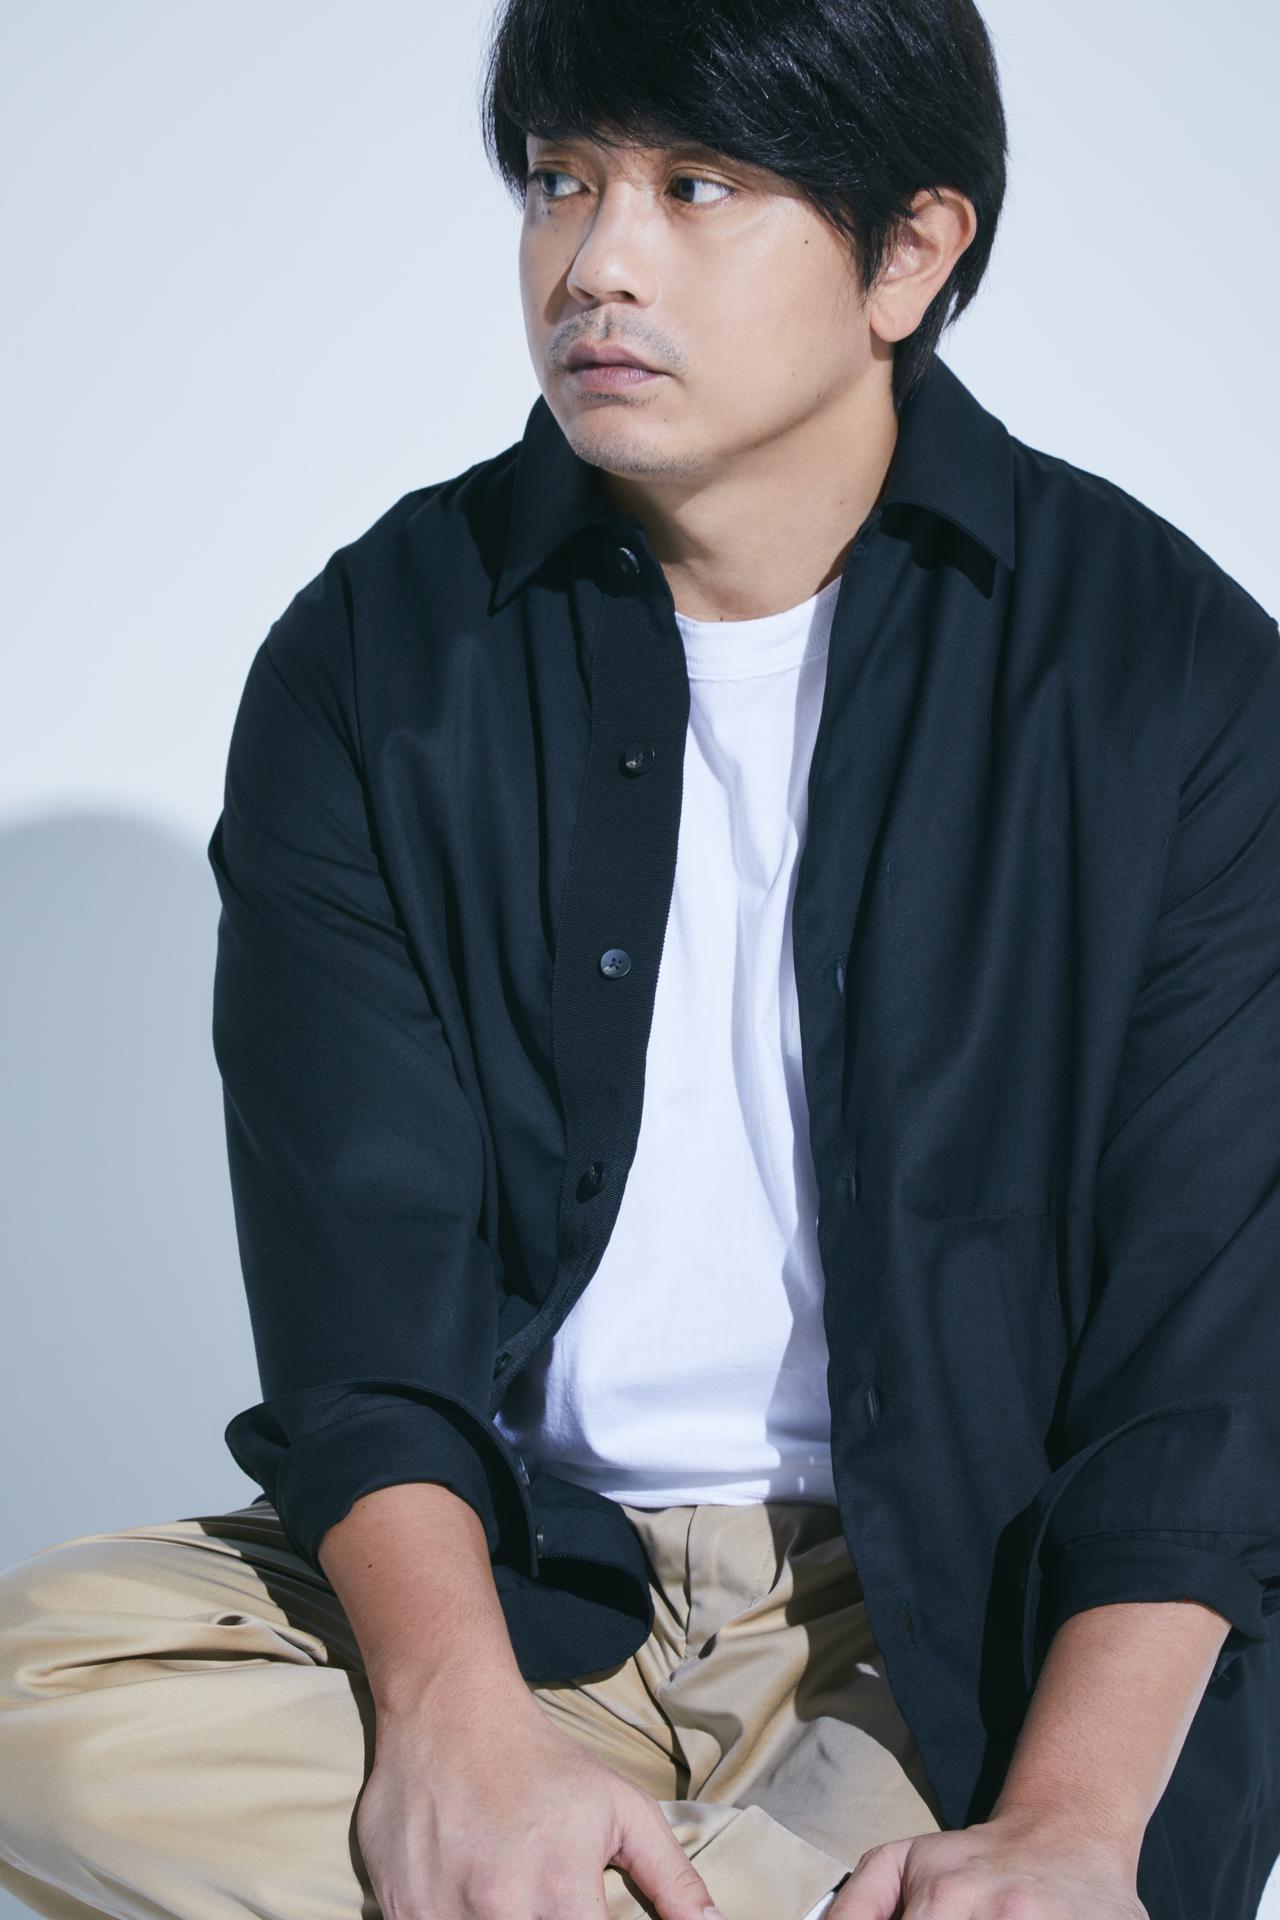 画像4: 劇団EXILE 青柳翔×町田啓太「JAM -the drama-」インタビュー